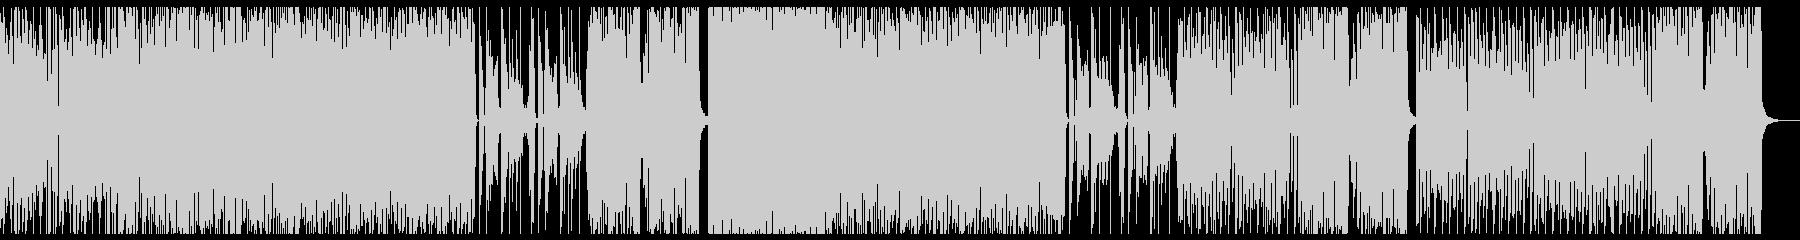 4つ打ち かわいい テクノポップの未再生の波形